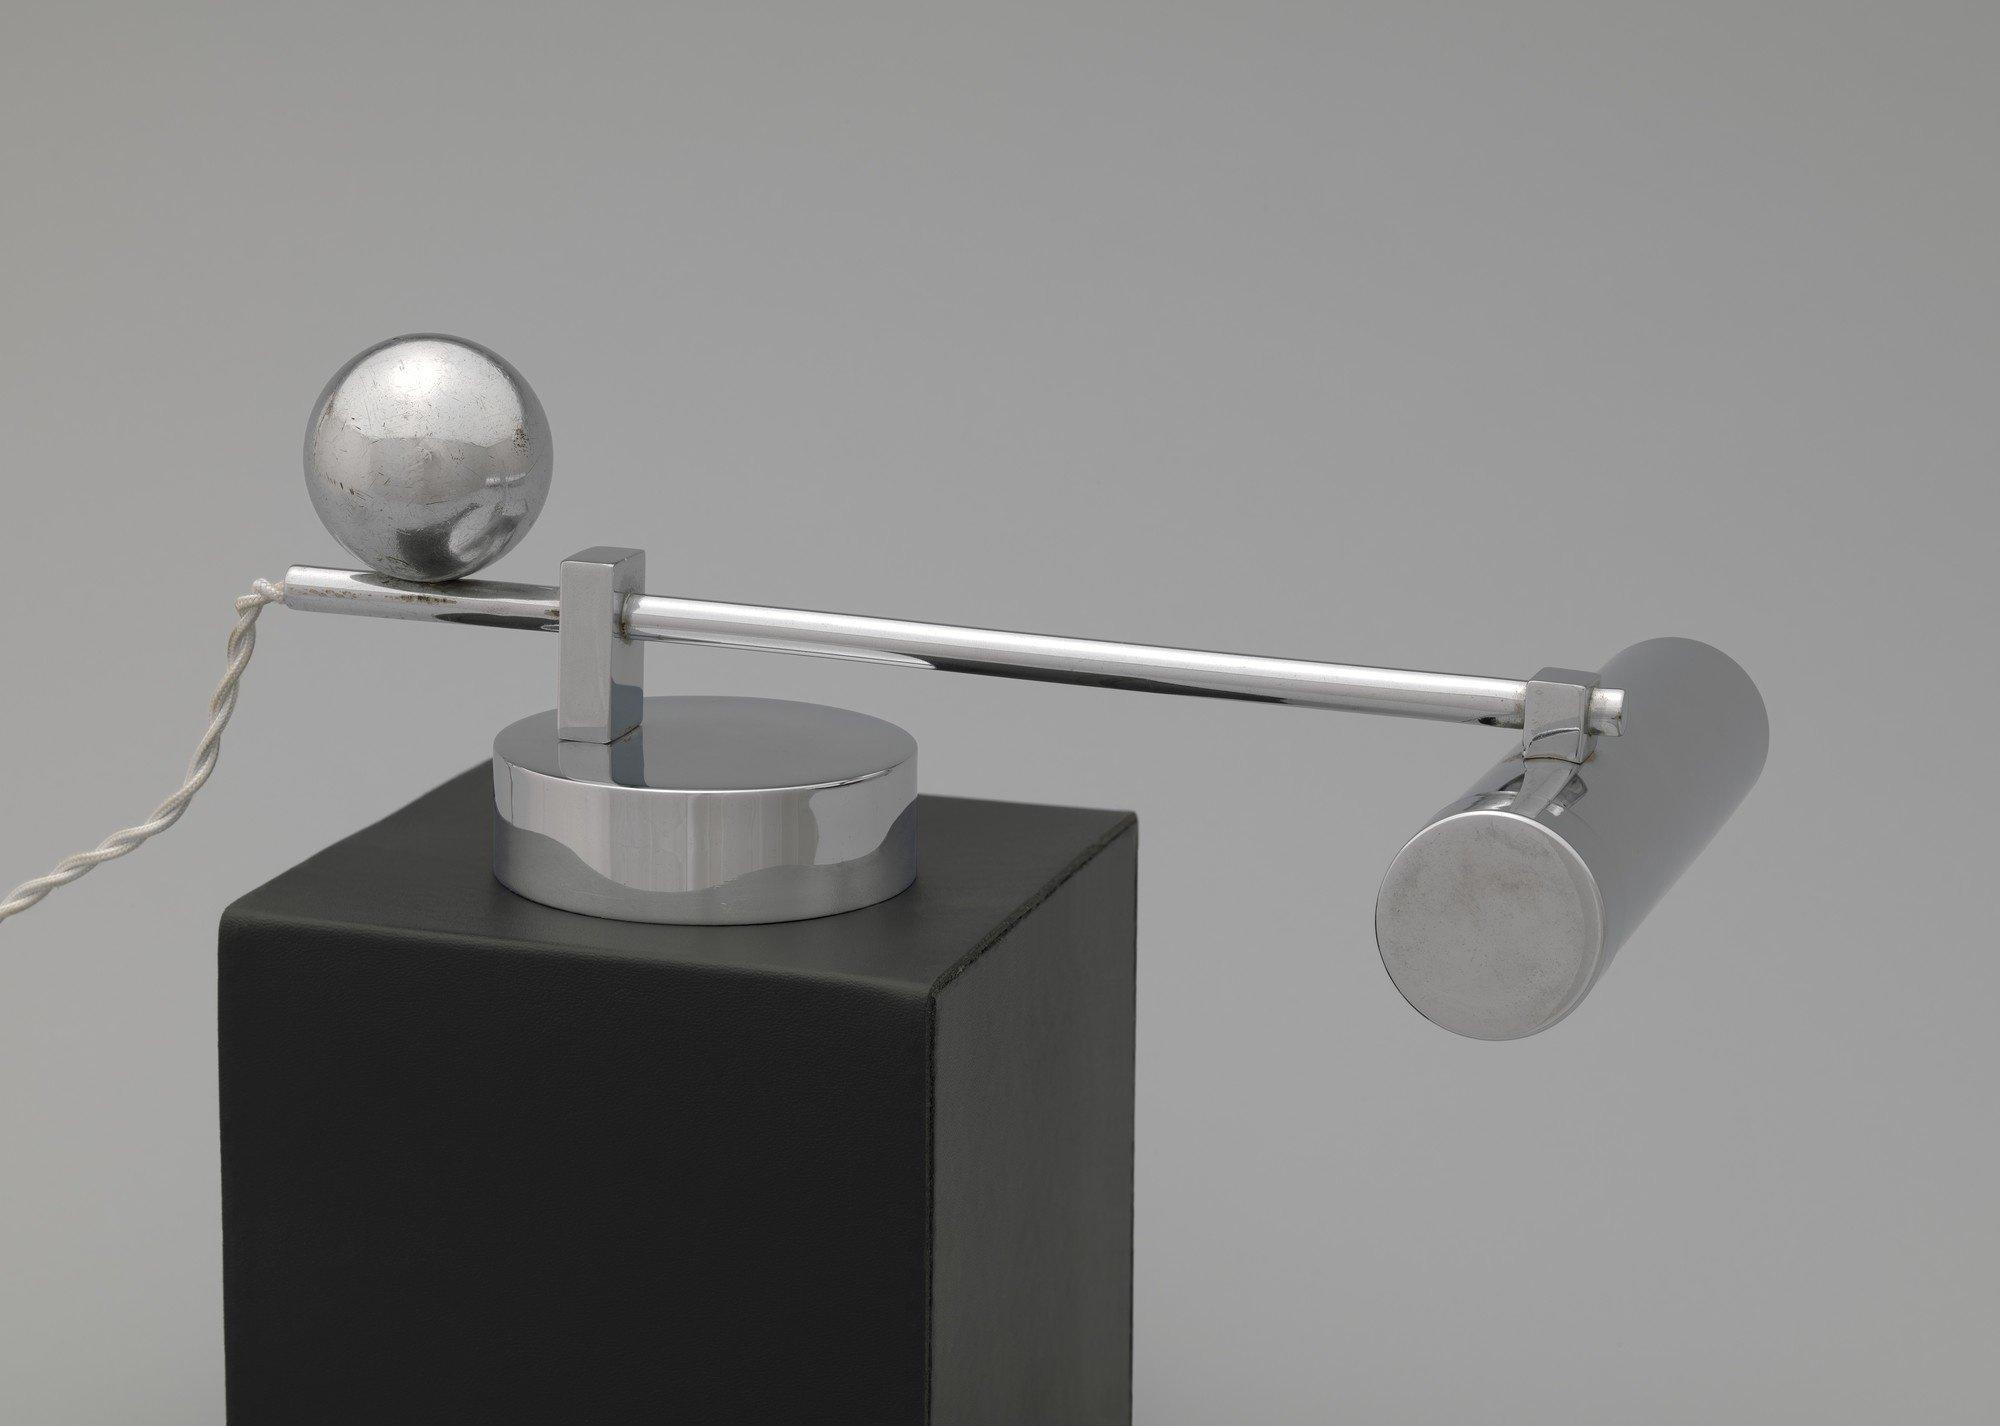 Giso lamp designed by W.H. Gispen